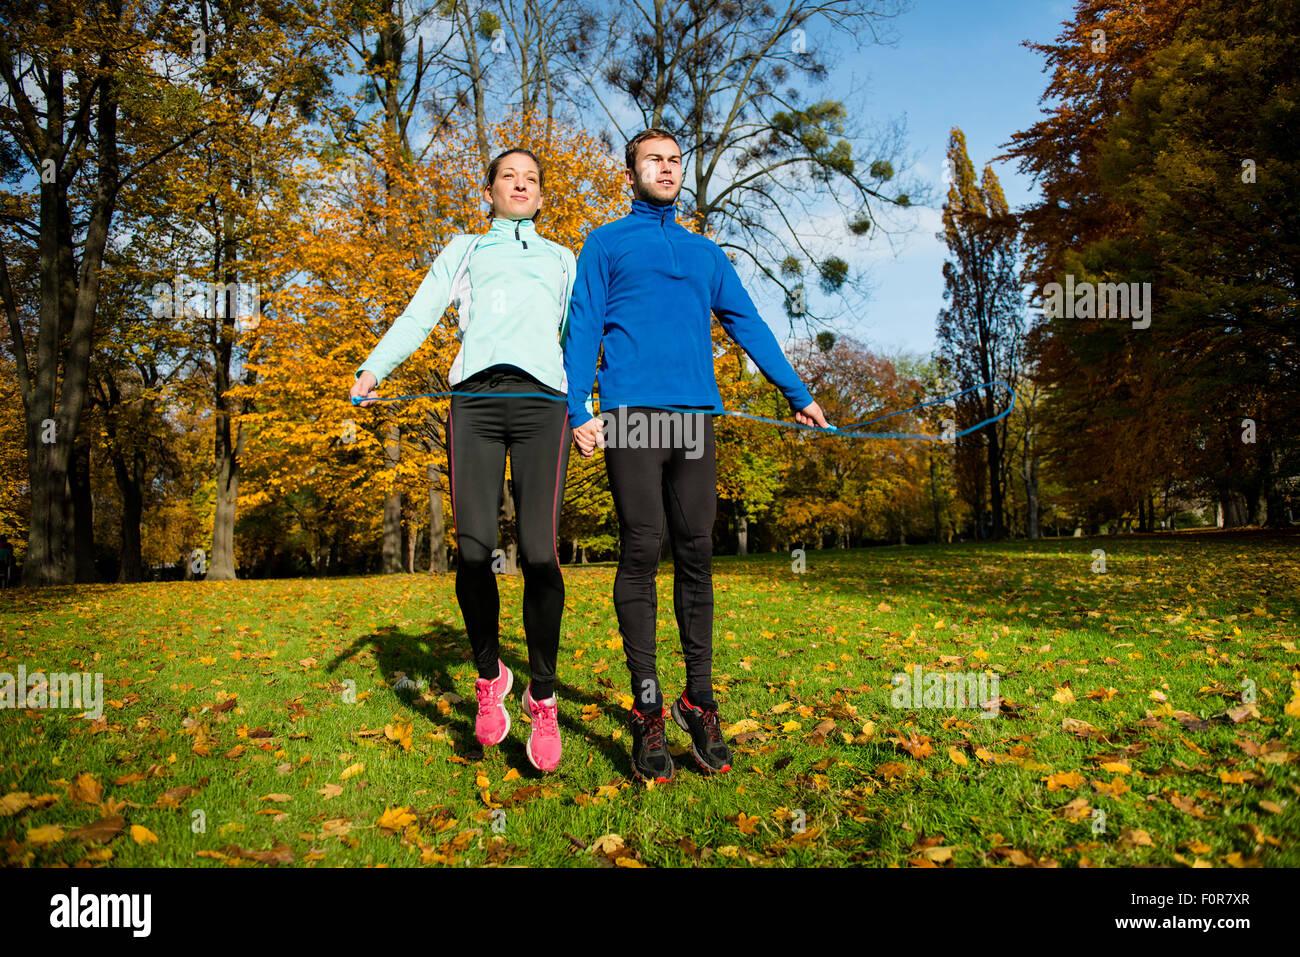 Workout - junges Paar zusammen mit Springseil Springen Stockbild